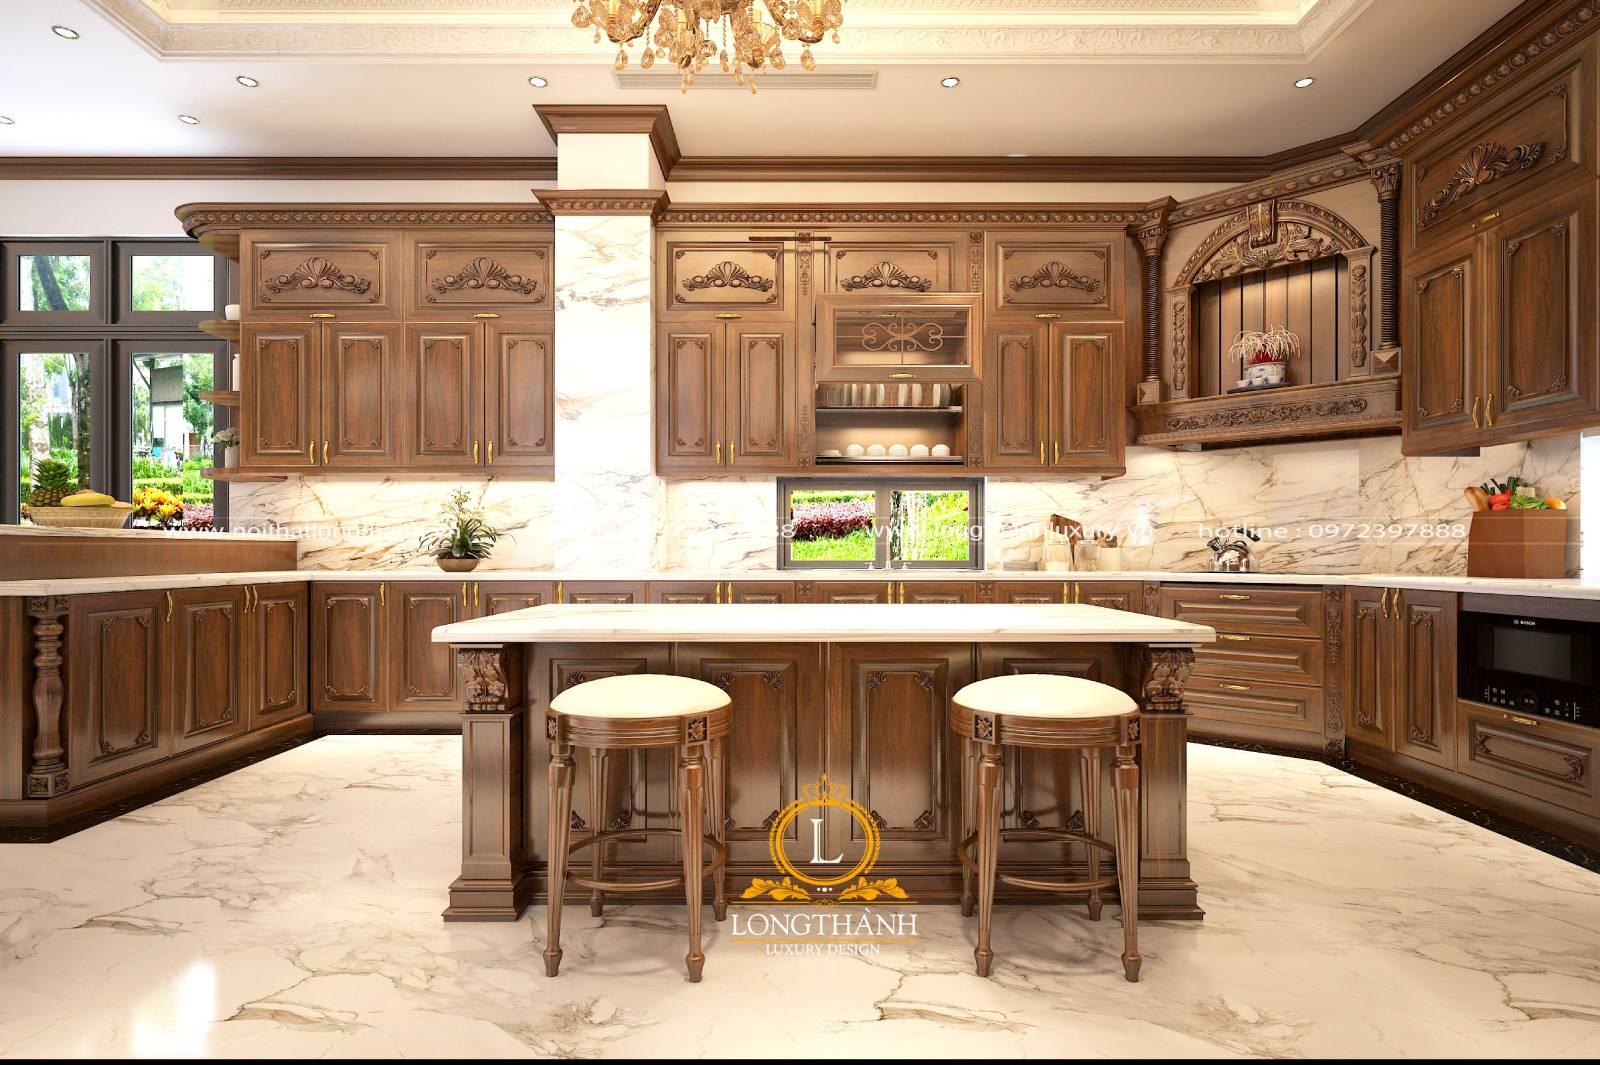 Thiết kế tủ bếp gô Gõ sang trọng tinh tế mang phong cách tân cổ điển